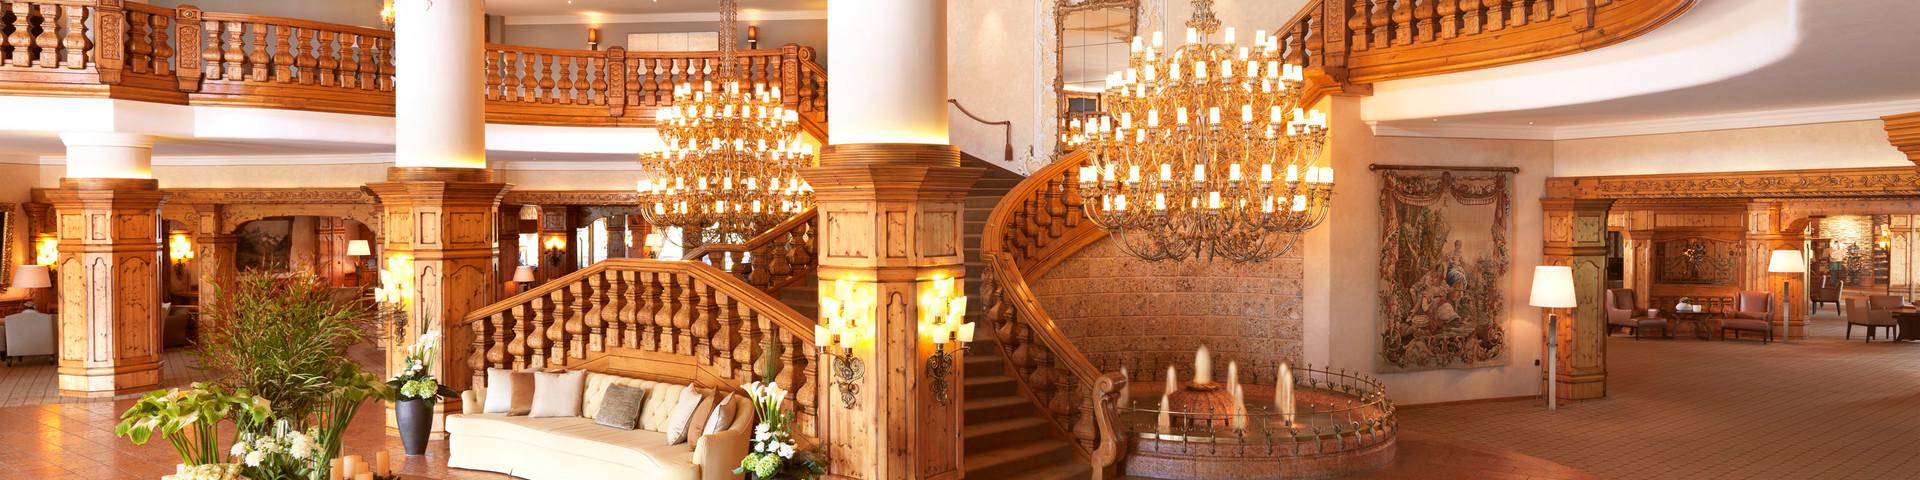 Interalpen-Hotel Tyrol - Eingangshalle mit Freireppe © Interalpen Hotel-Tyrol